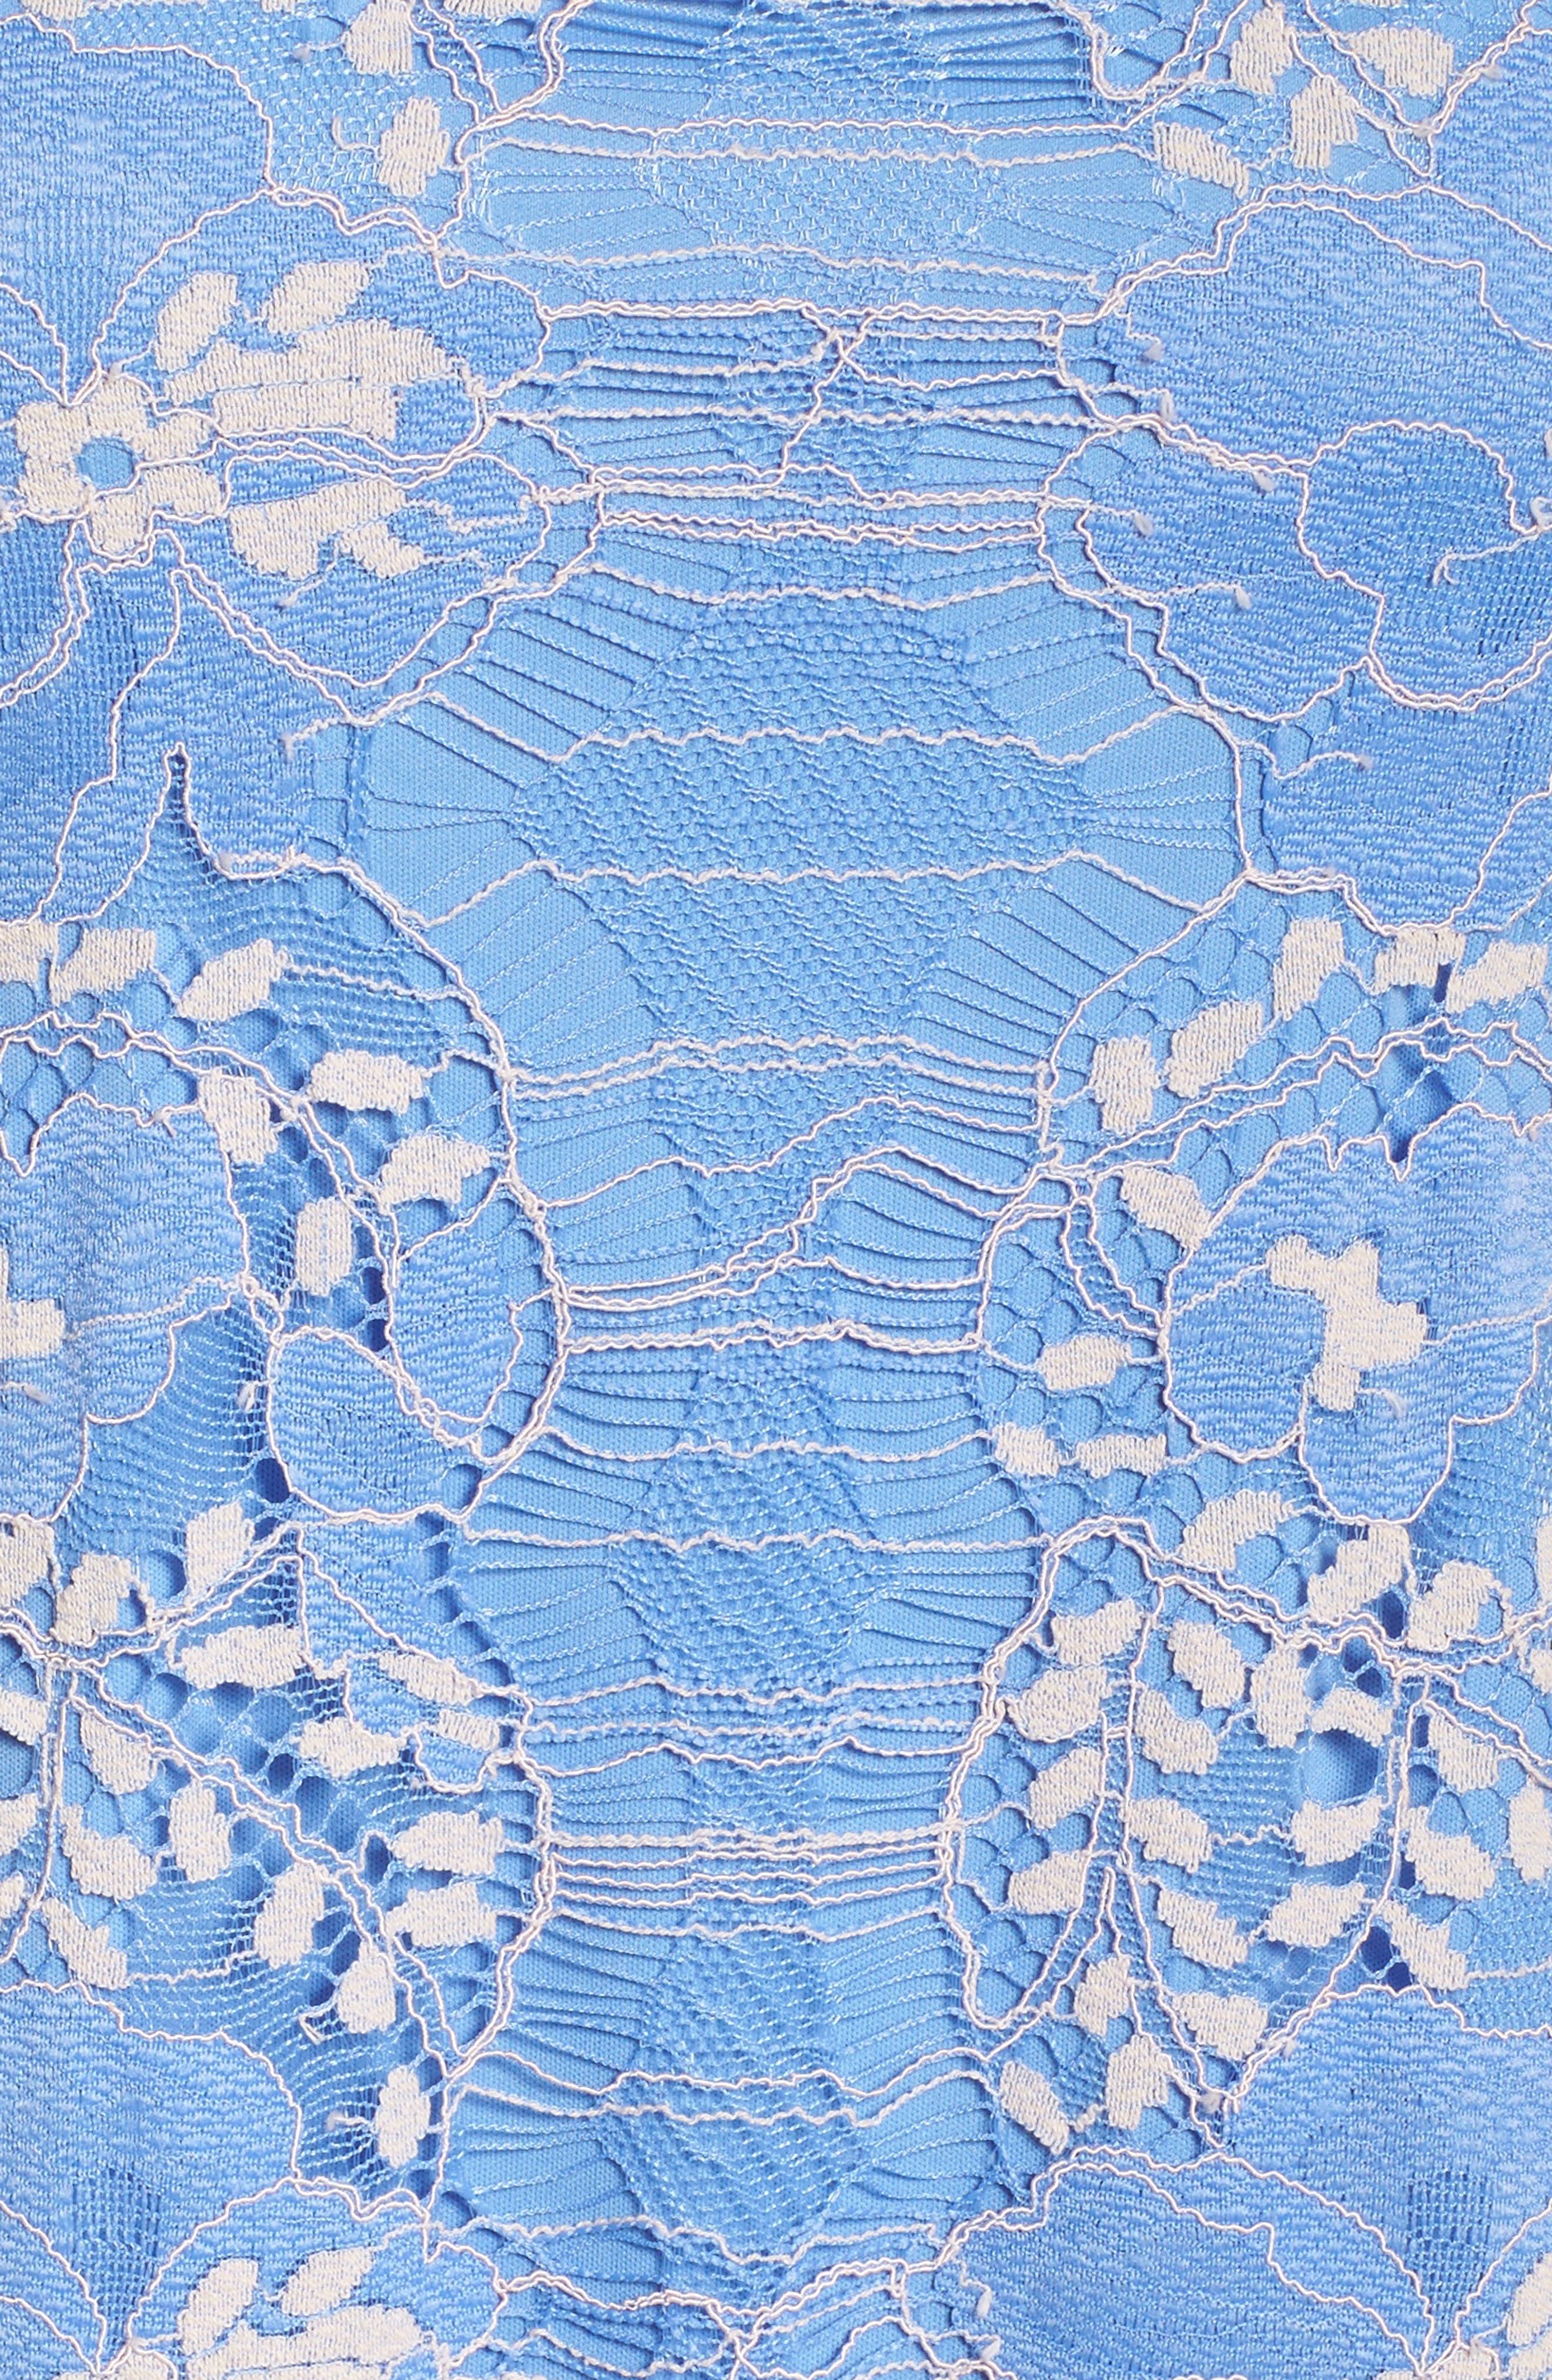 Lace Shift Dress,                             Alternate thumbnail 5, color,                             Blue/ Blush